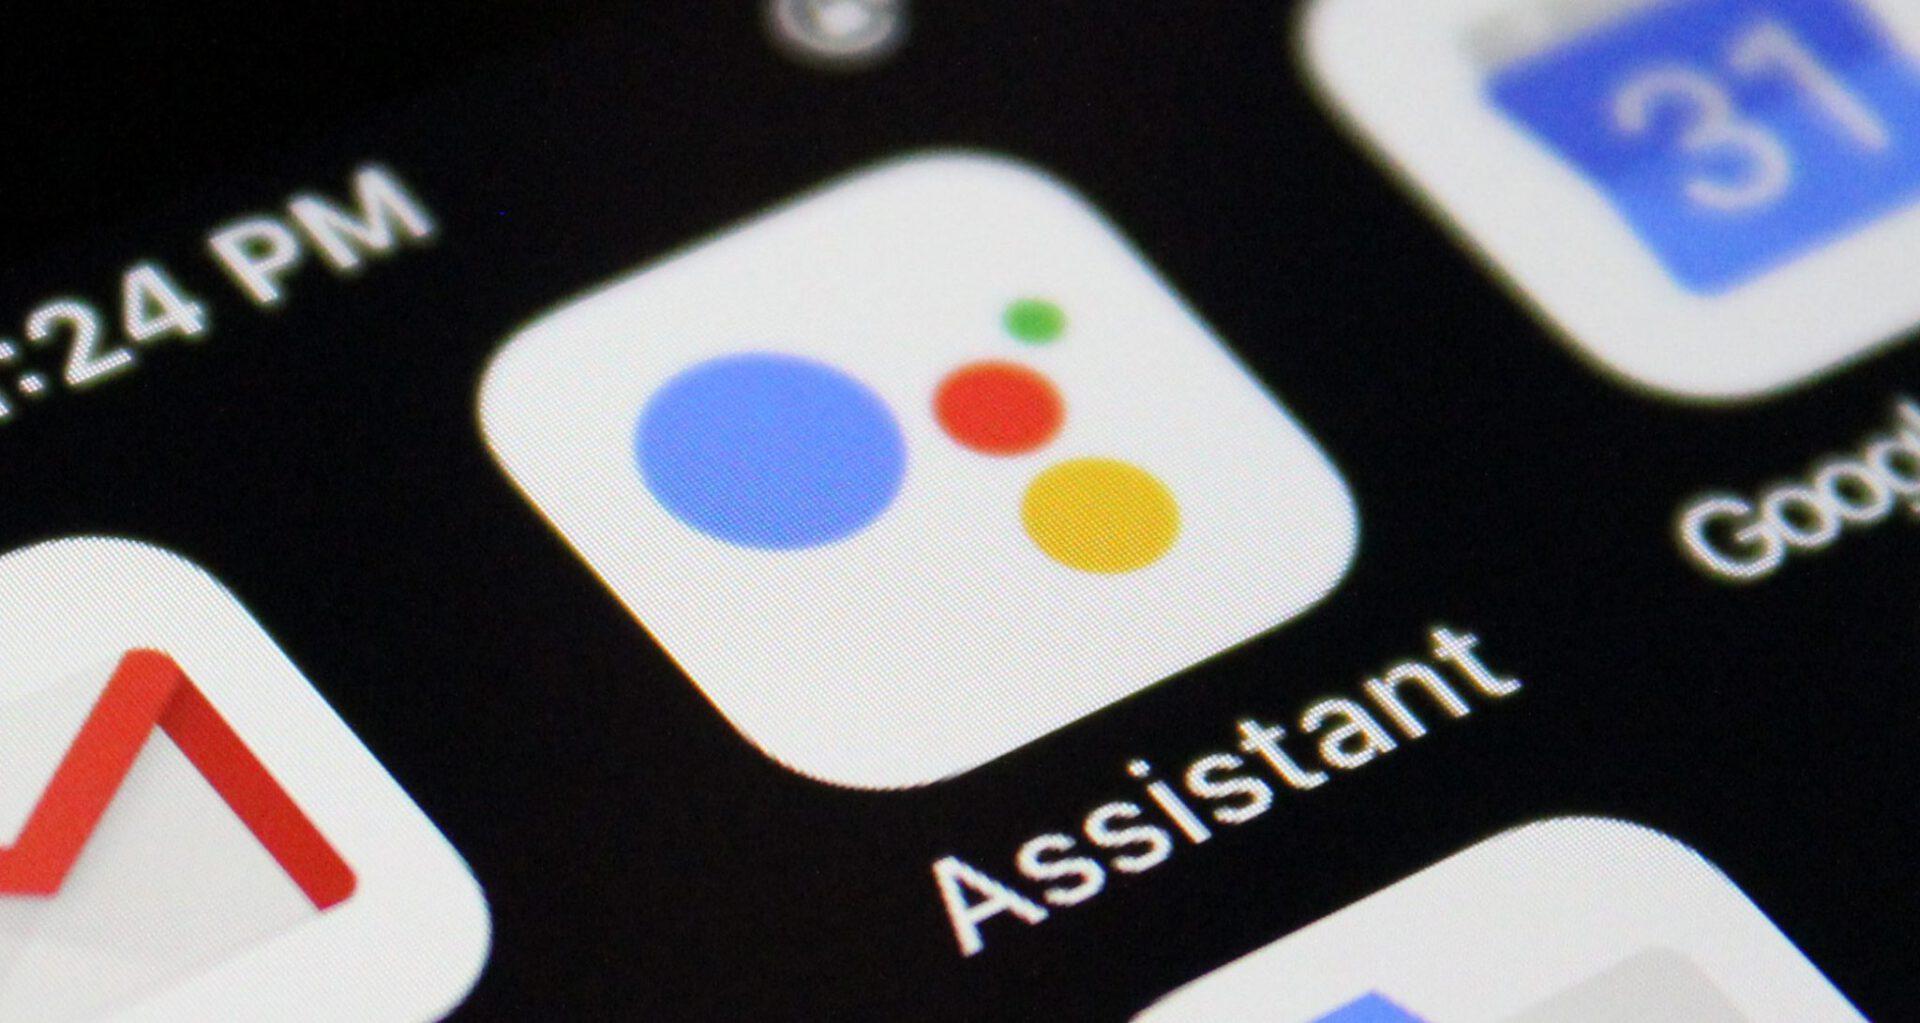 Supremația rețelelor sociale asupra vieții noastre – Google